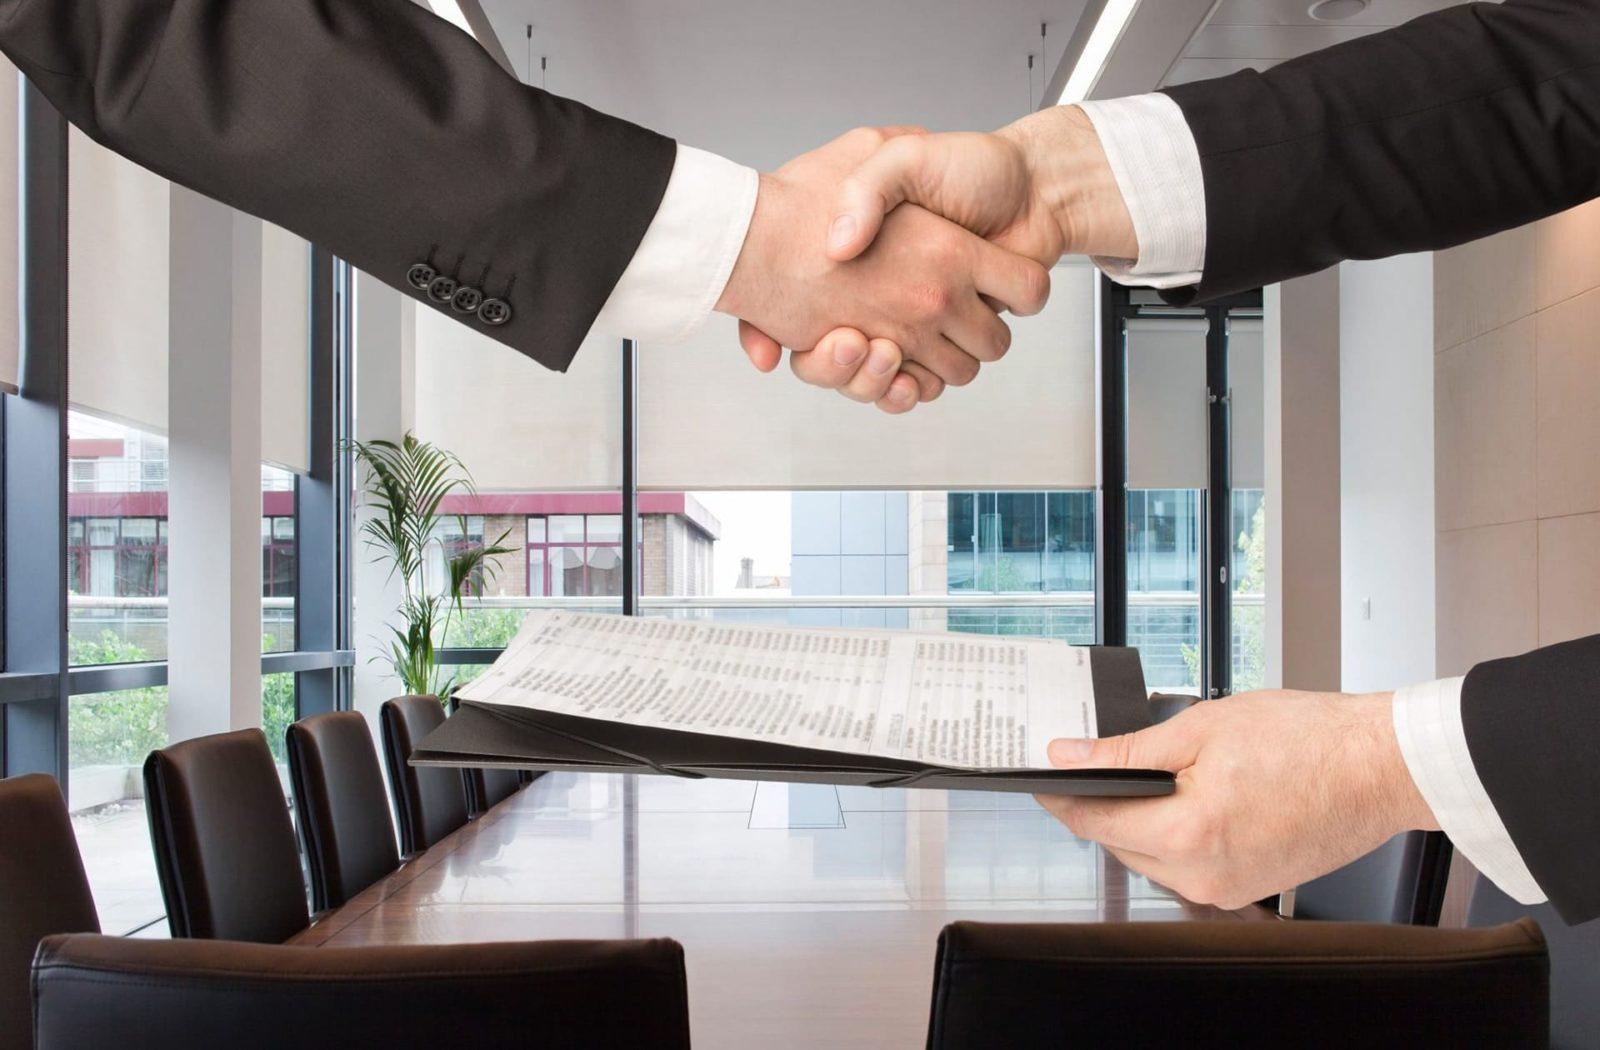 Юридическое обслуживание бизнеса в Москве картинка